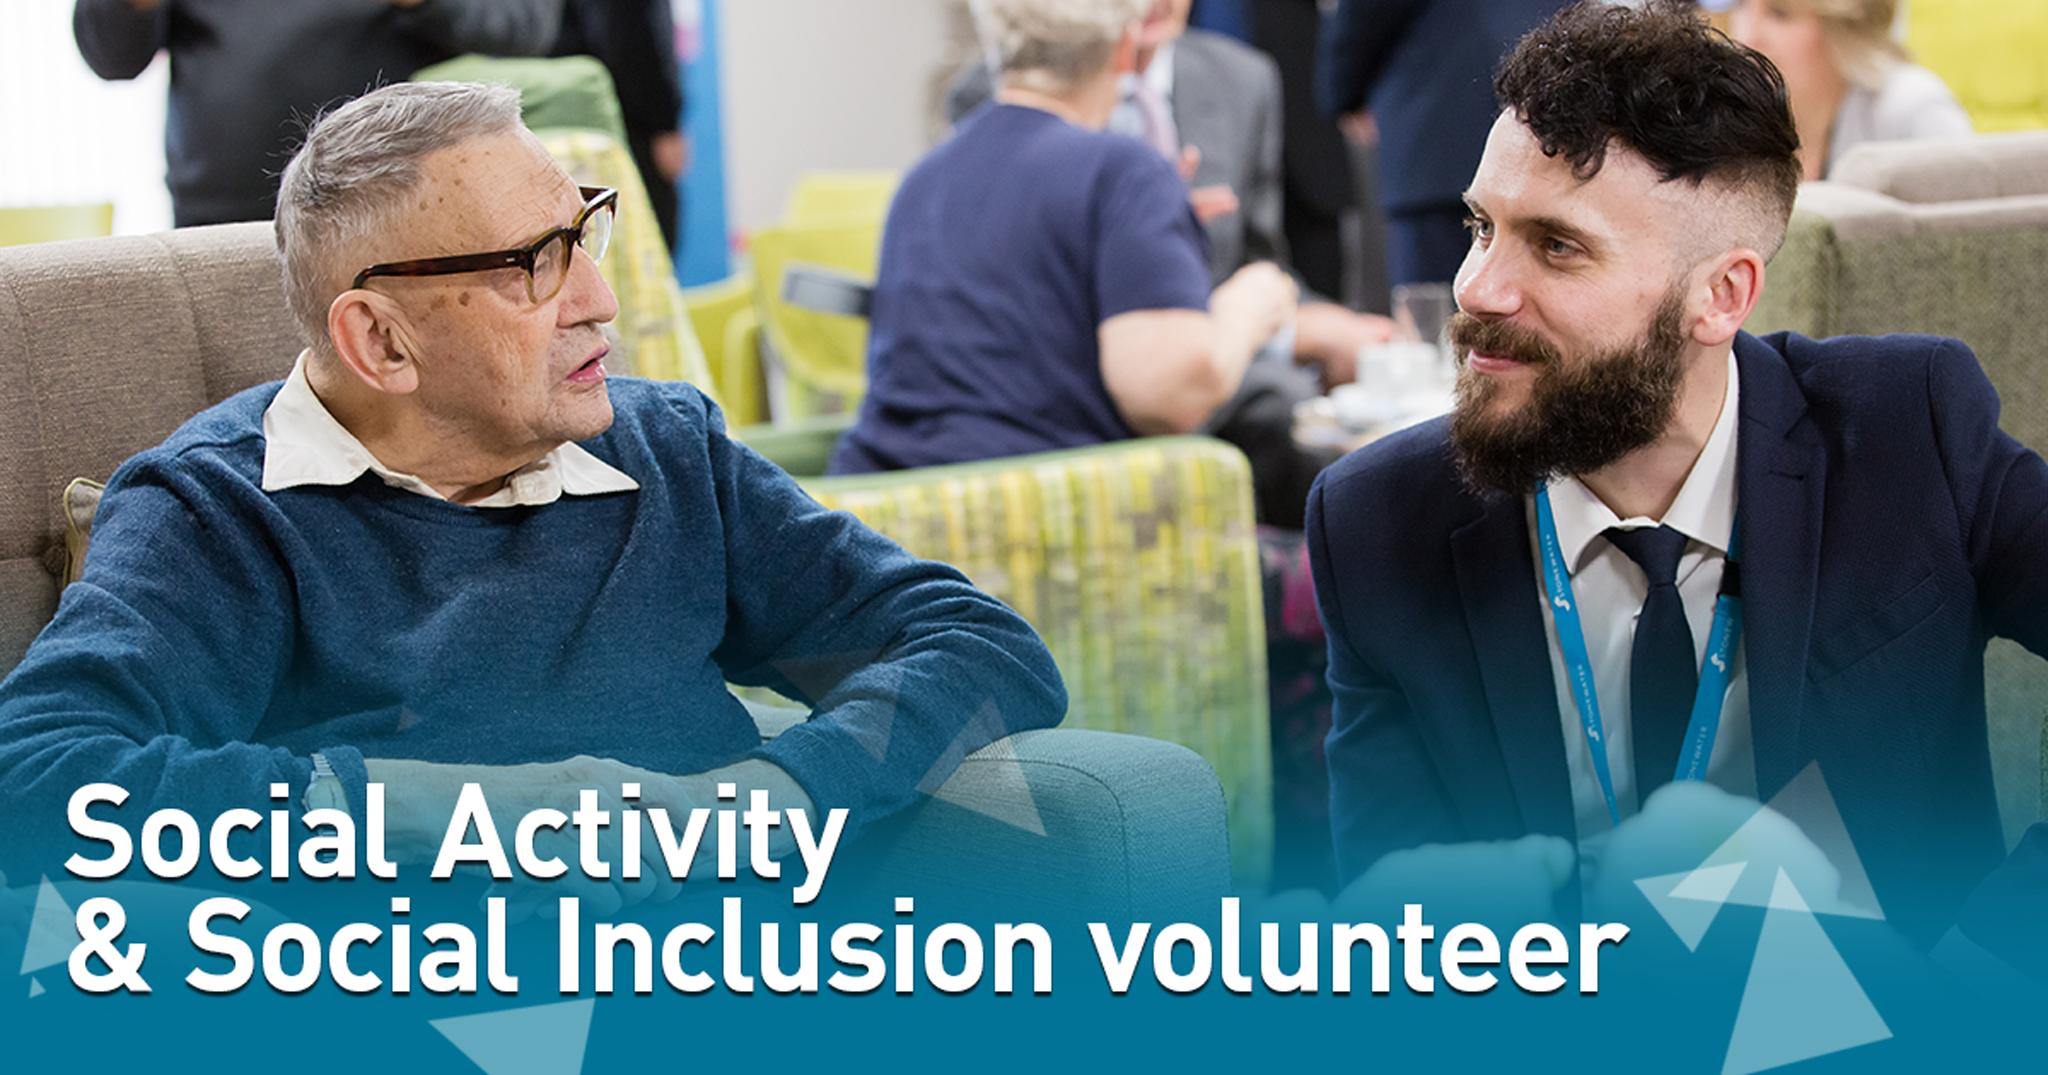 Social Activity & Social Inclusion volunteer